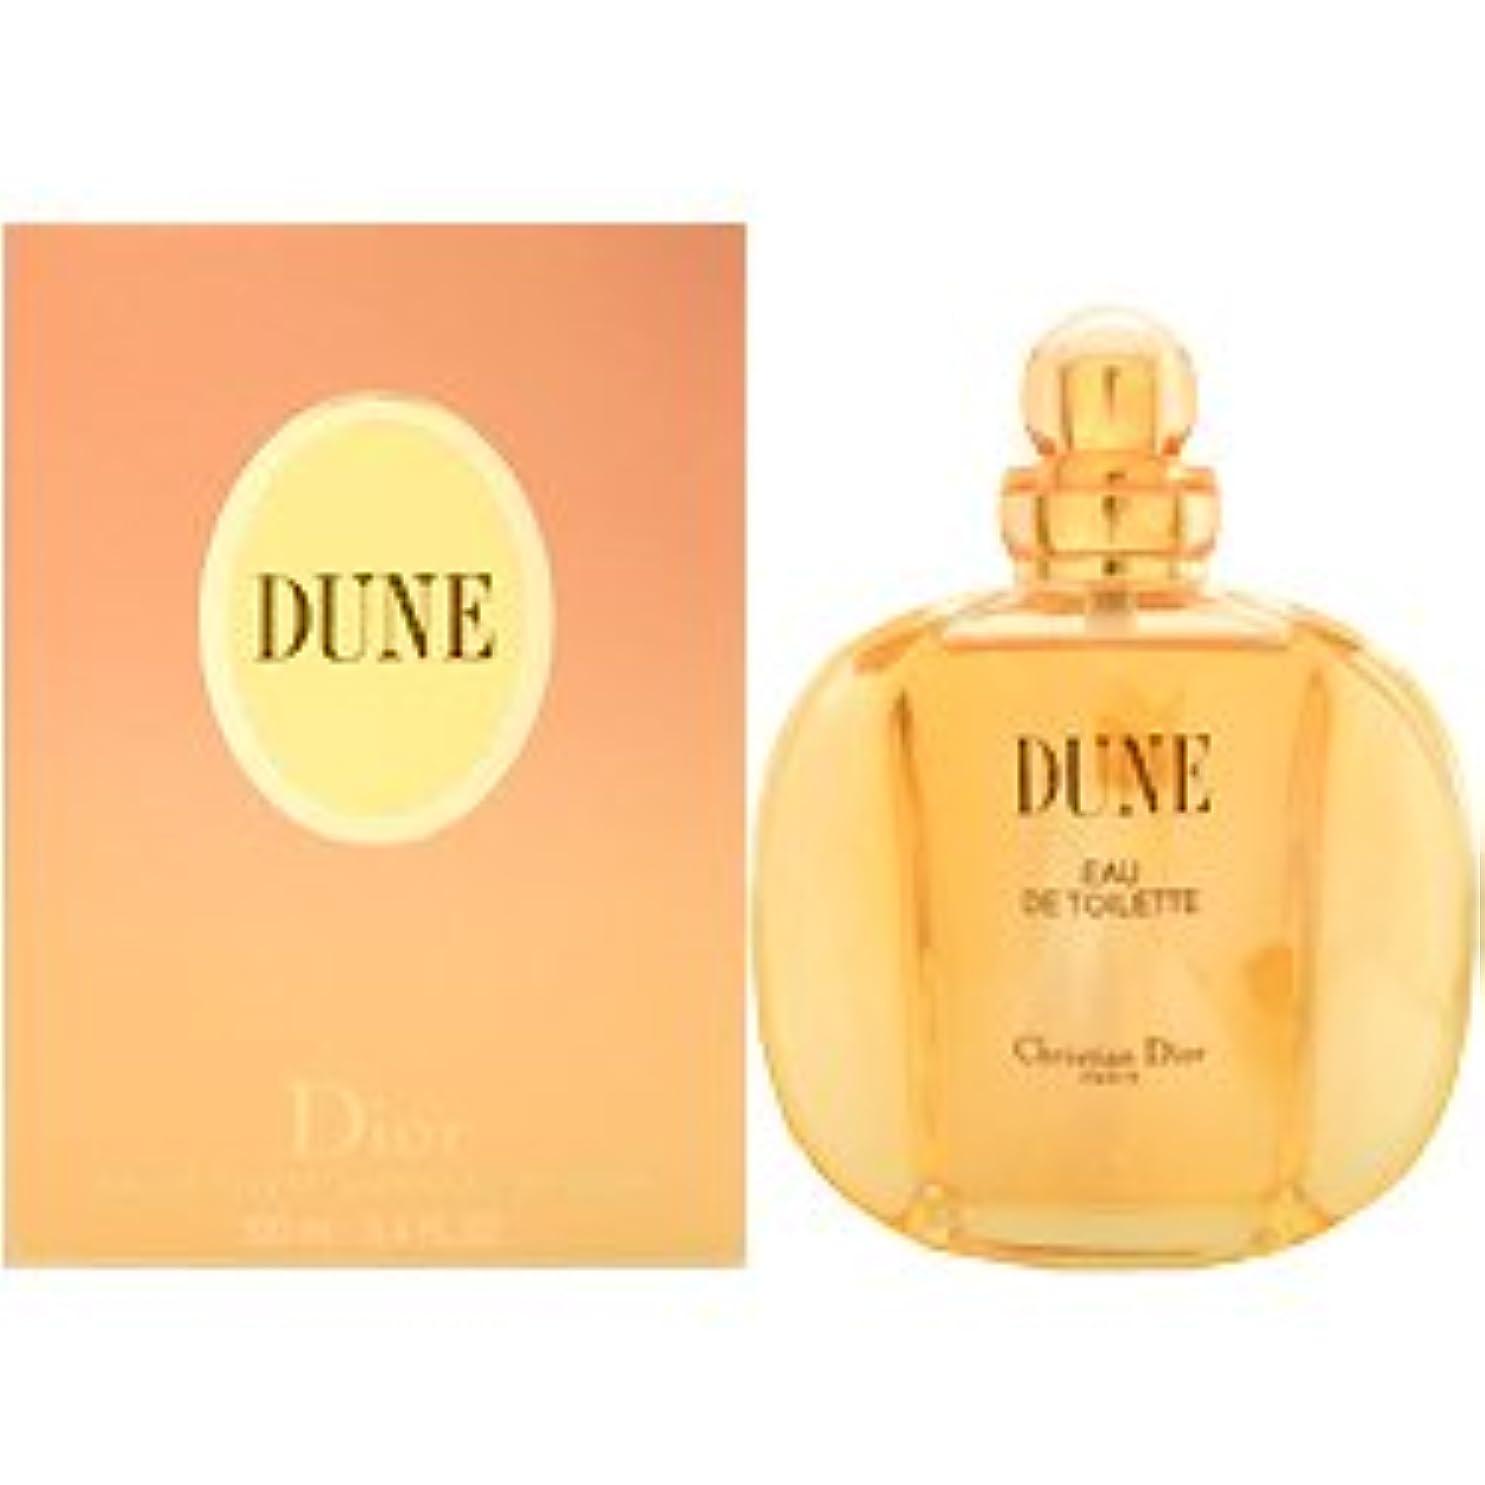 クリスチャンディオール デューン Christian Dior EDT SP 100ml